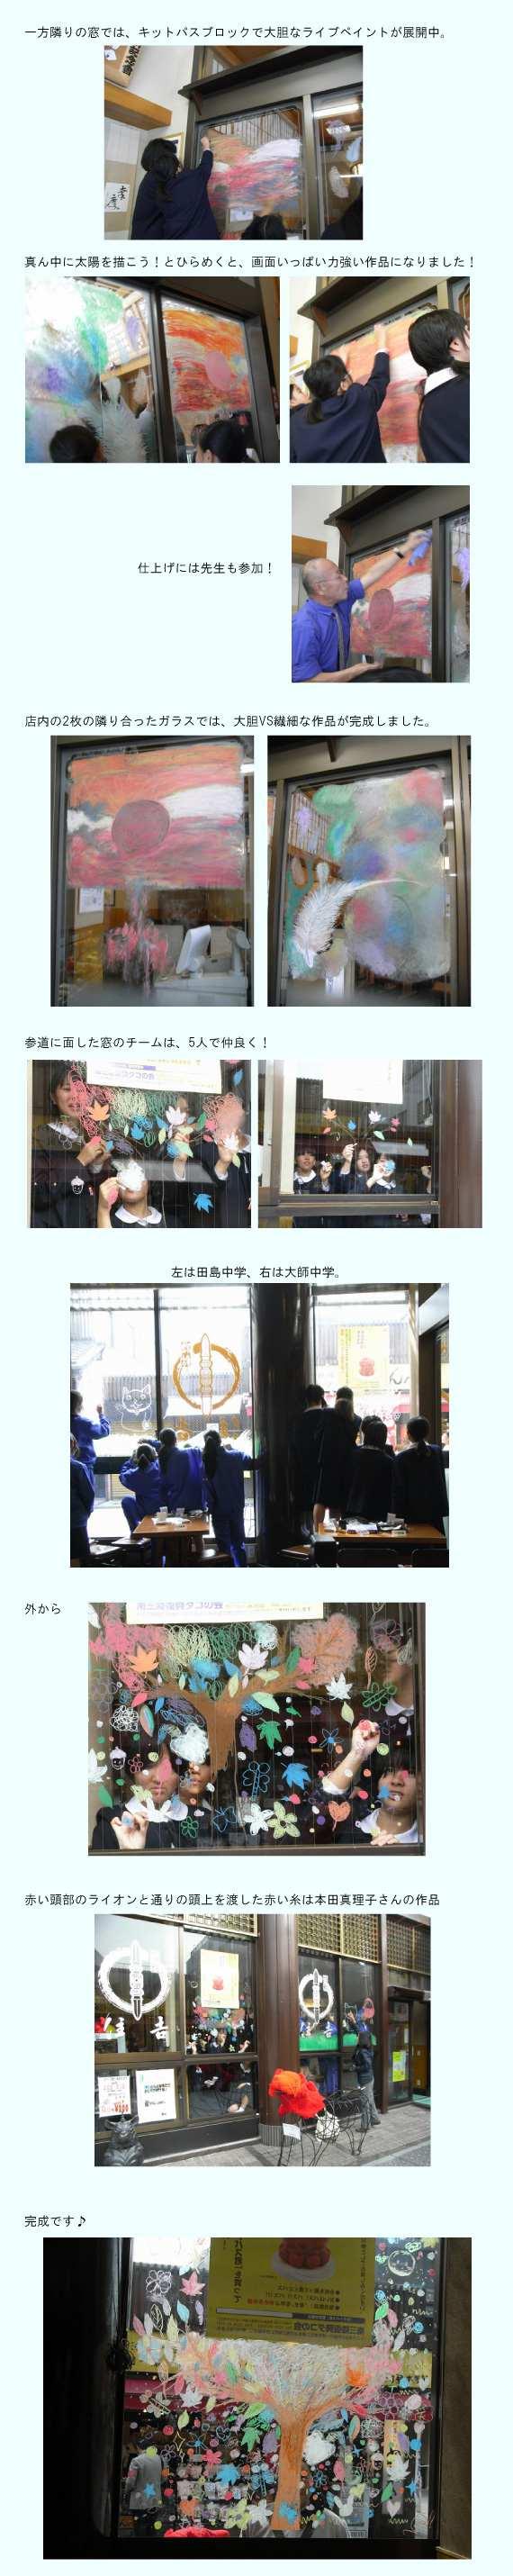 川崎市立大師・田島中学校美術部の皆さんと作家さんによる「お大師様でアート」キットパスドローイング(2011年11月3日)